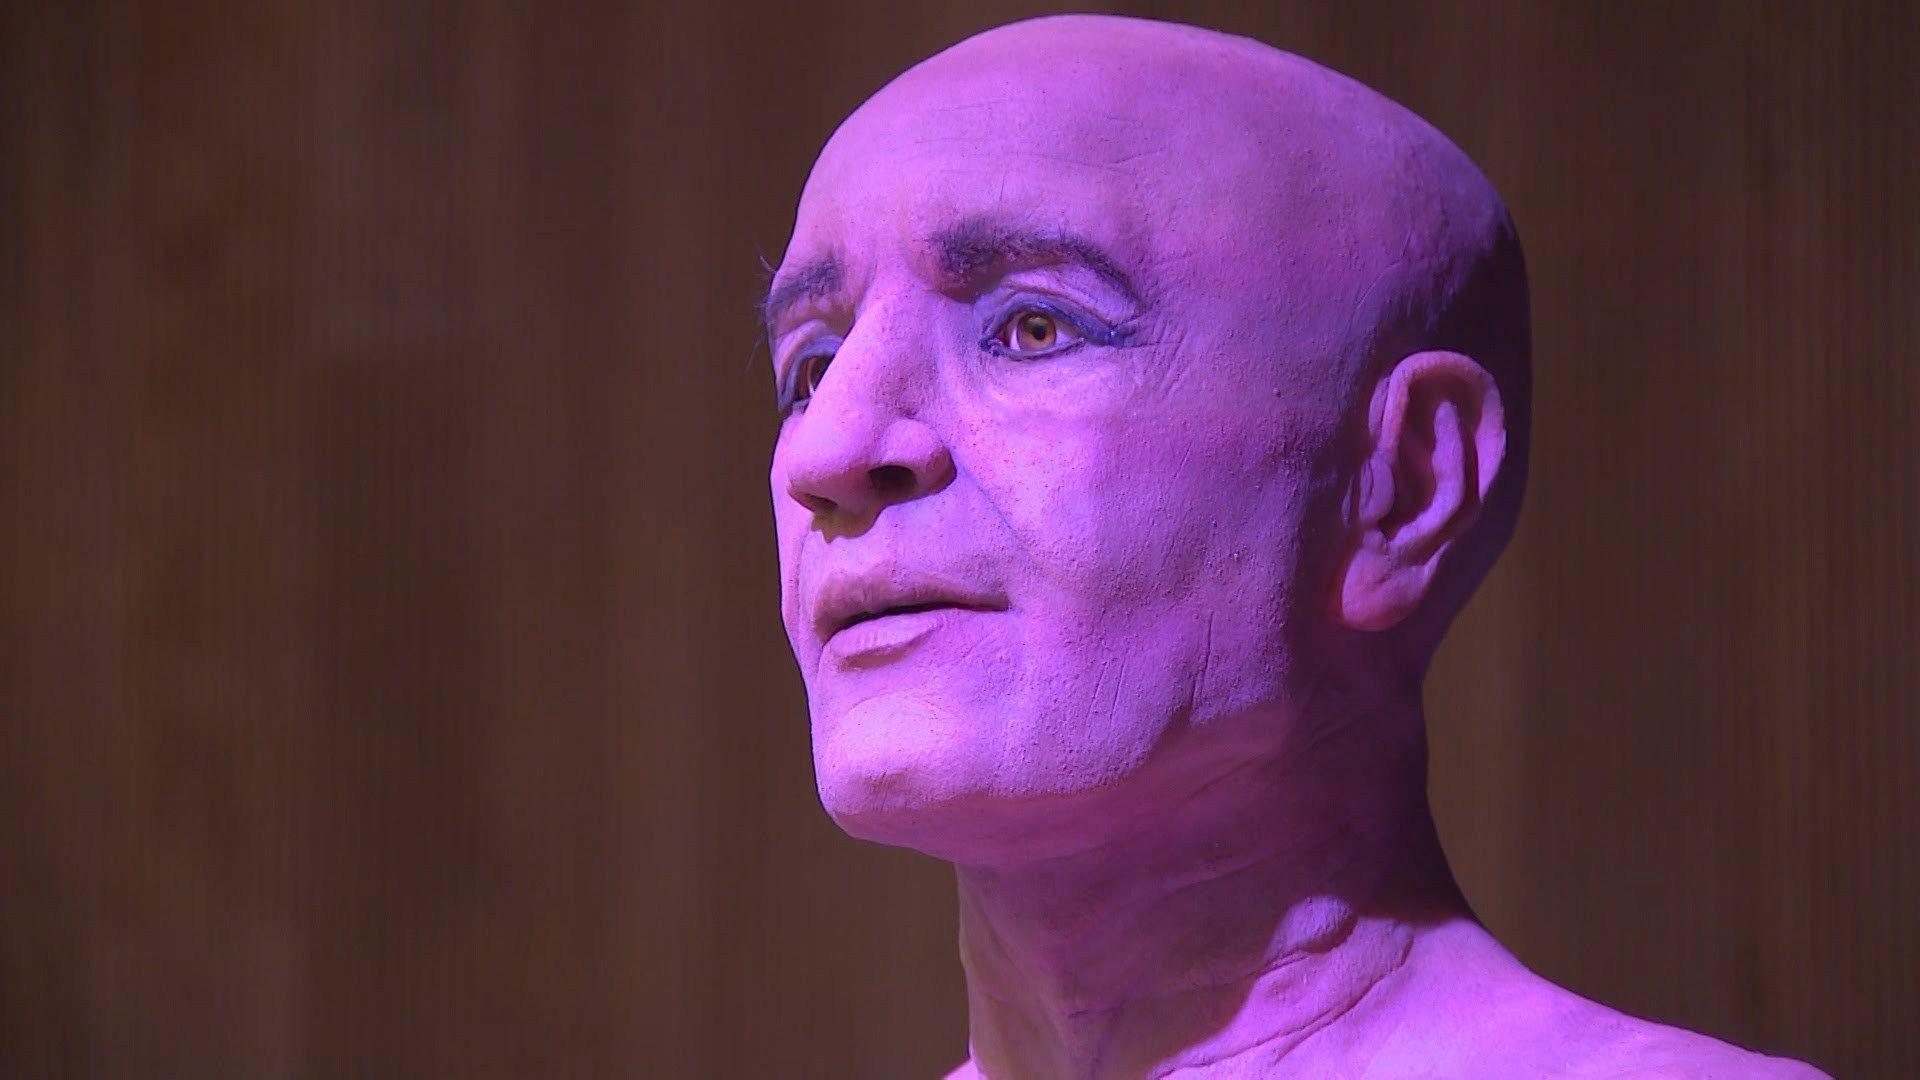 ❝ La momia Nespamedu era sacerdote y médico del faraón - #VÍDEO ❞ ↪ Vía: proZesa